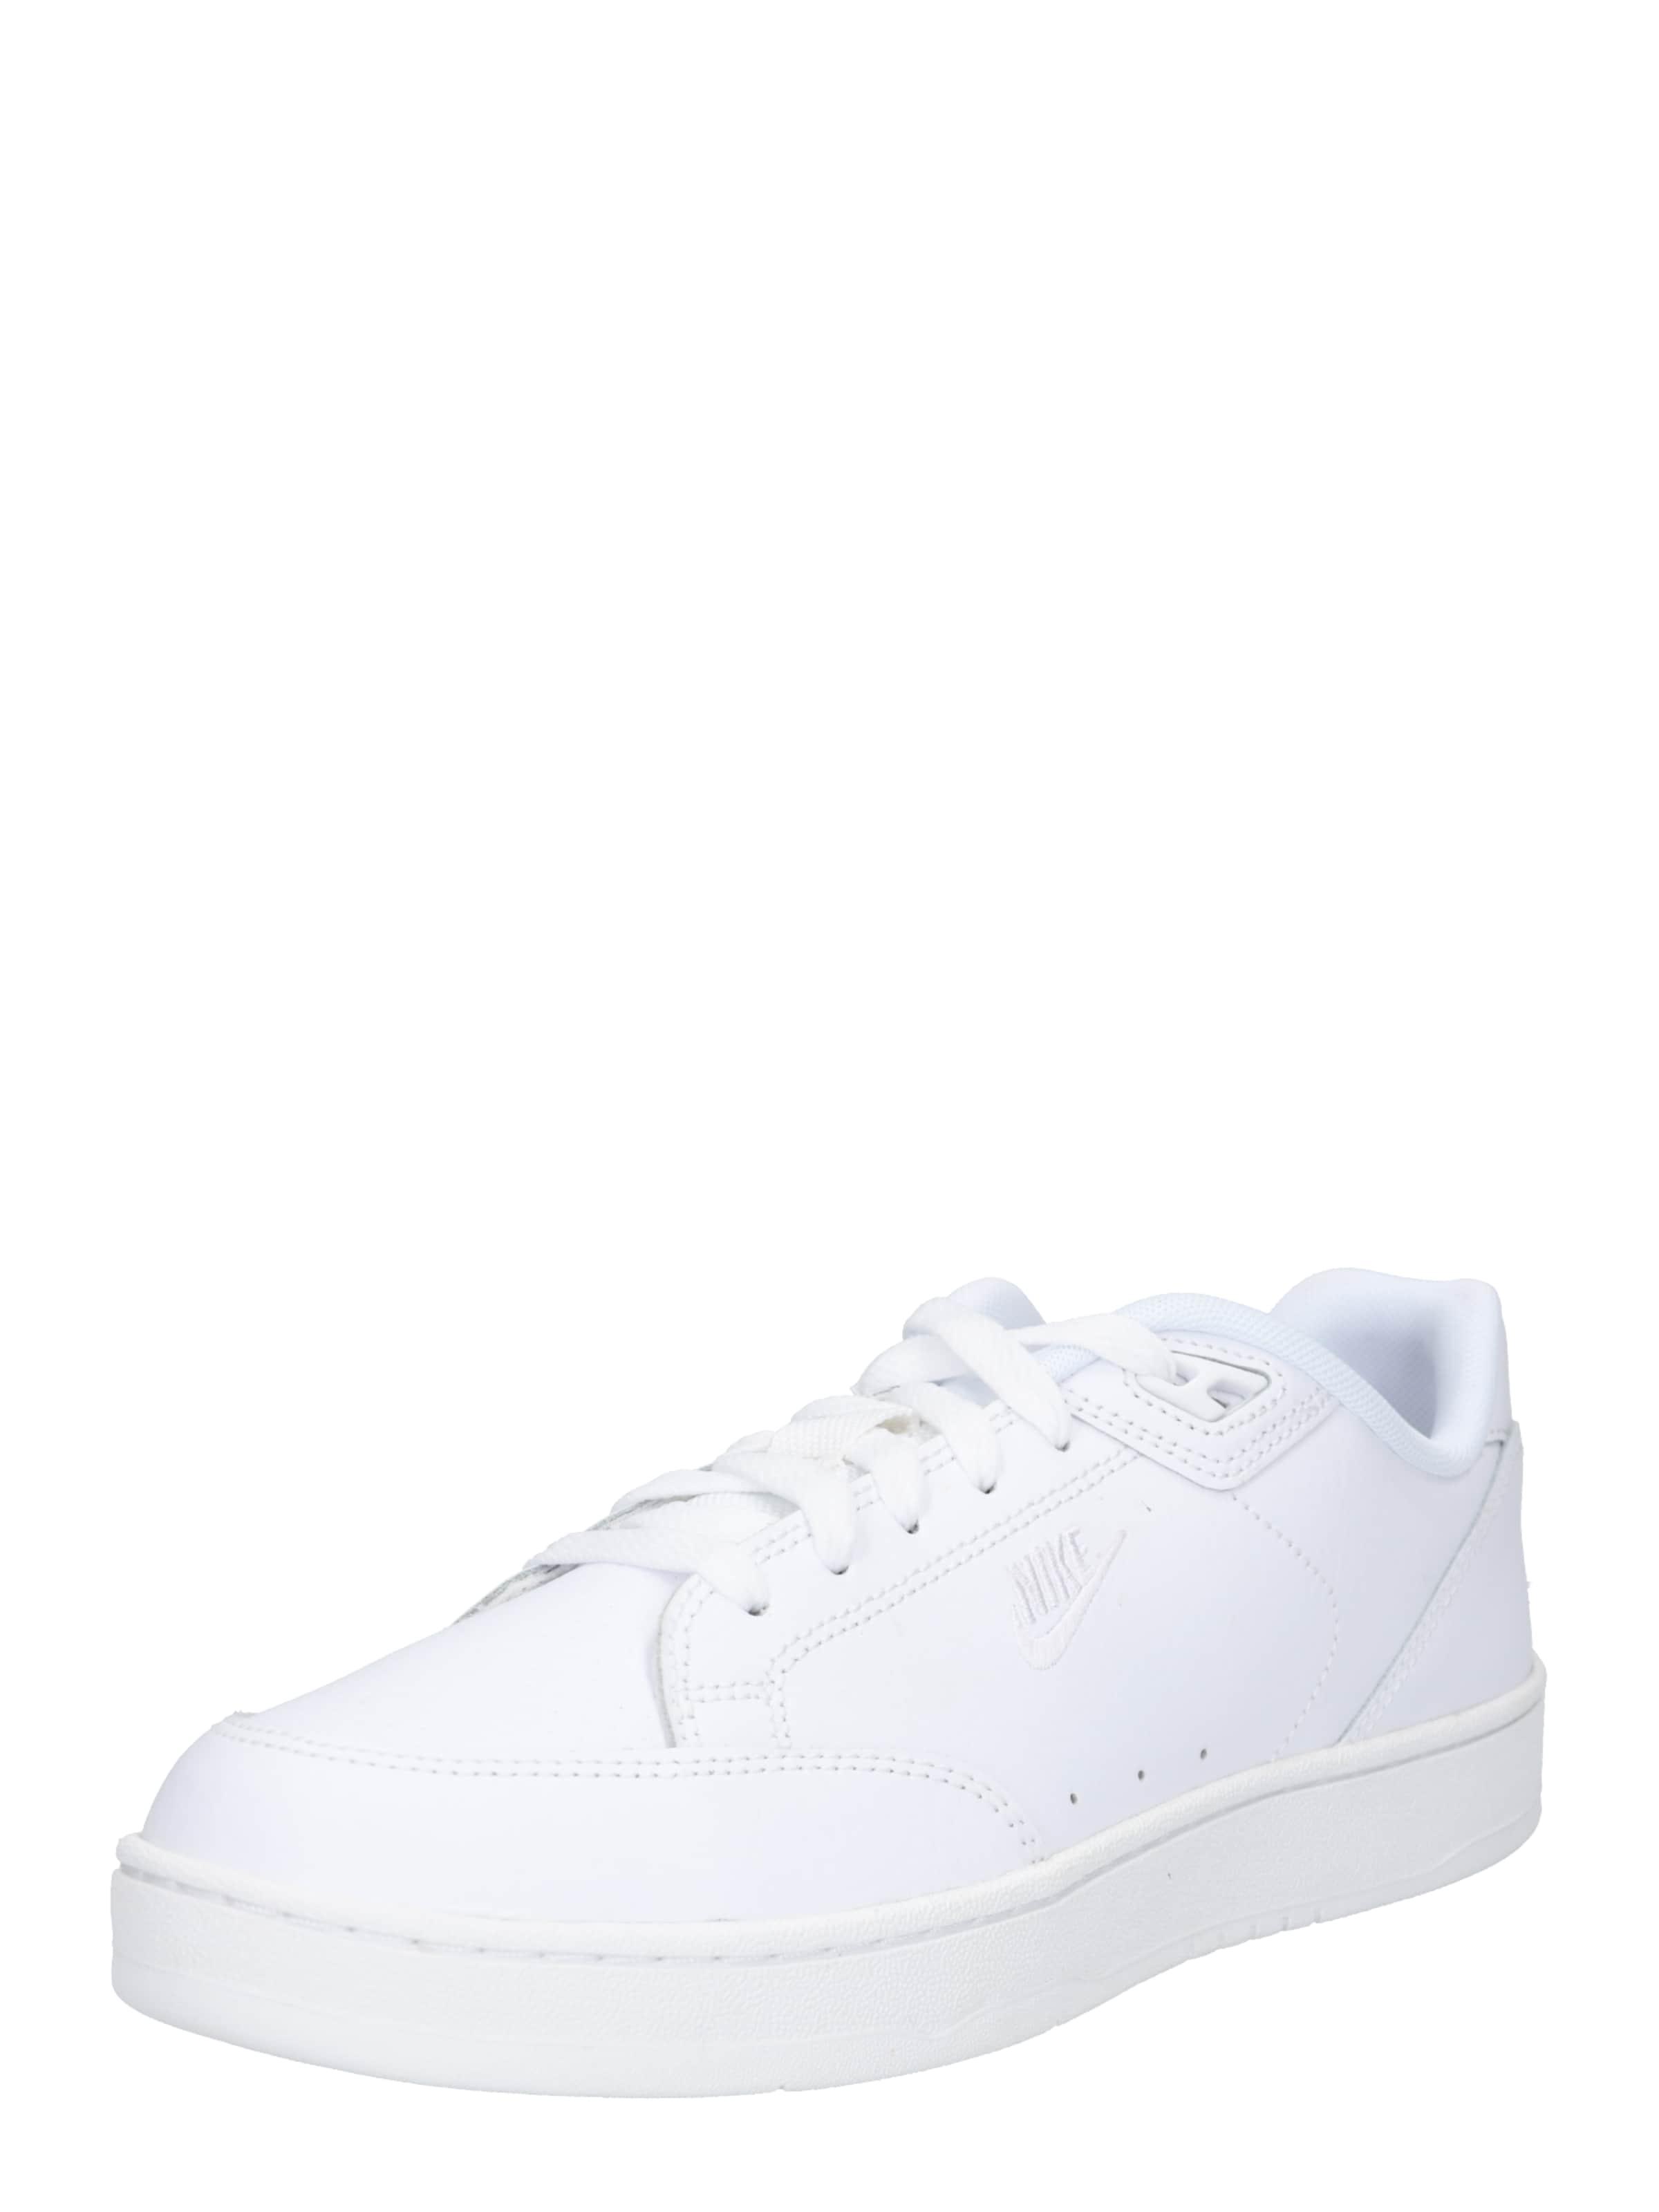 'grandstand Sportswear In RotWeiß Nike Sneaker Ii' 3Rj5LqA4